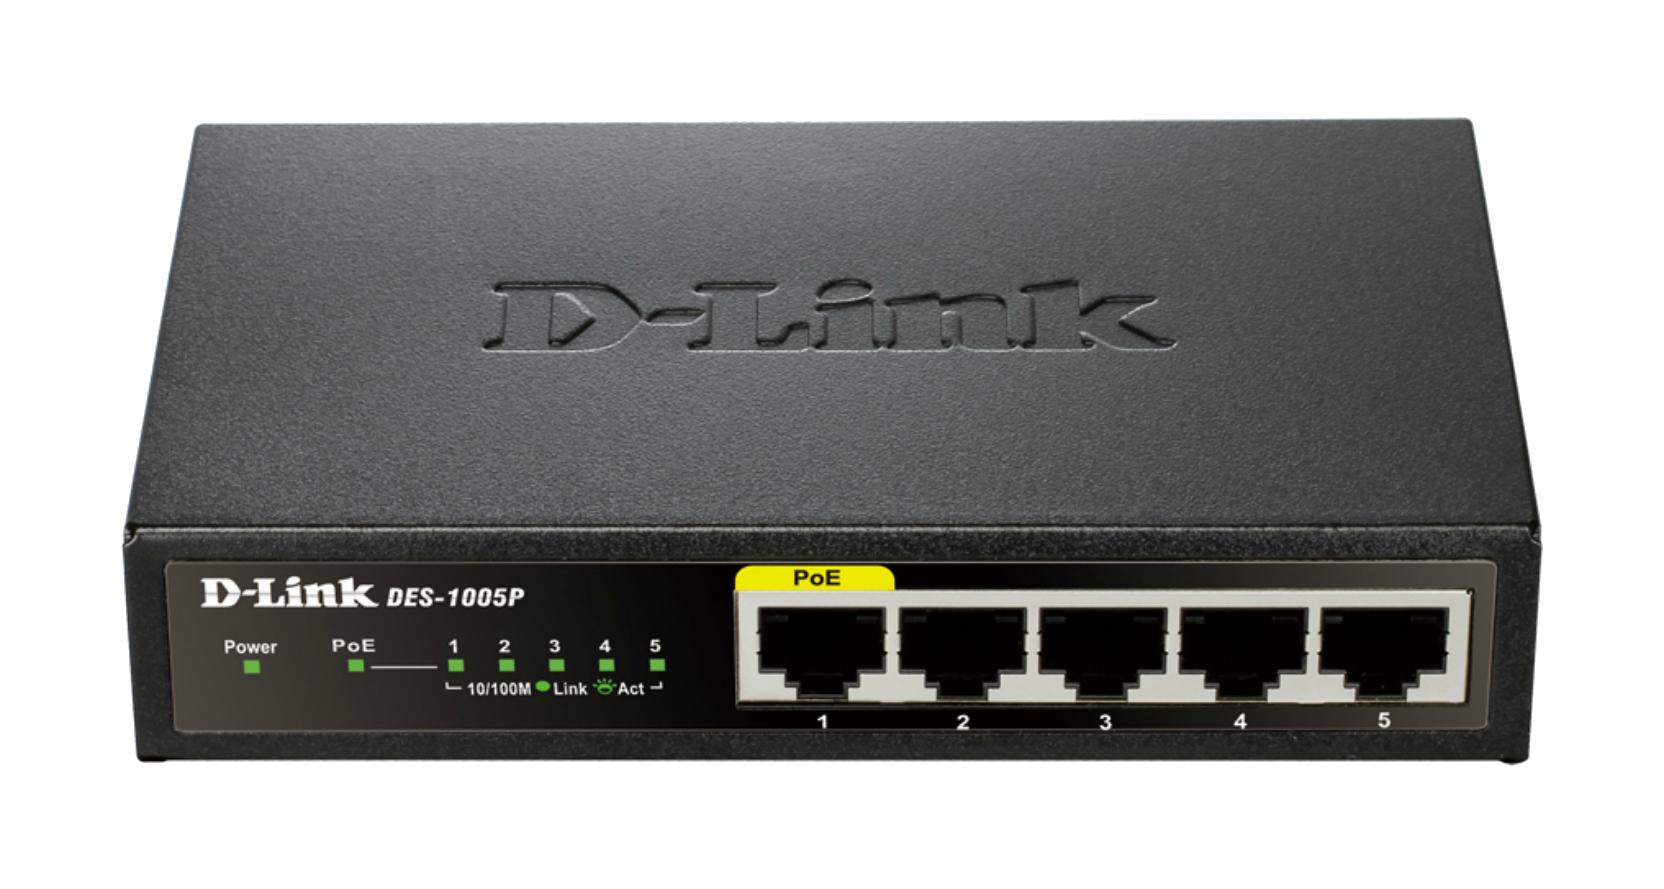 D-Link DES-1005P 5-Port Fast Ethernet PoE Desktop Switch